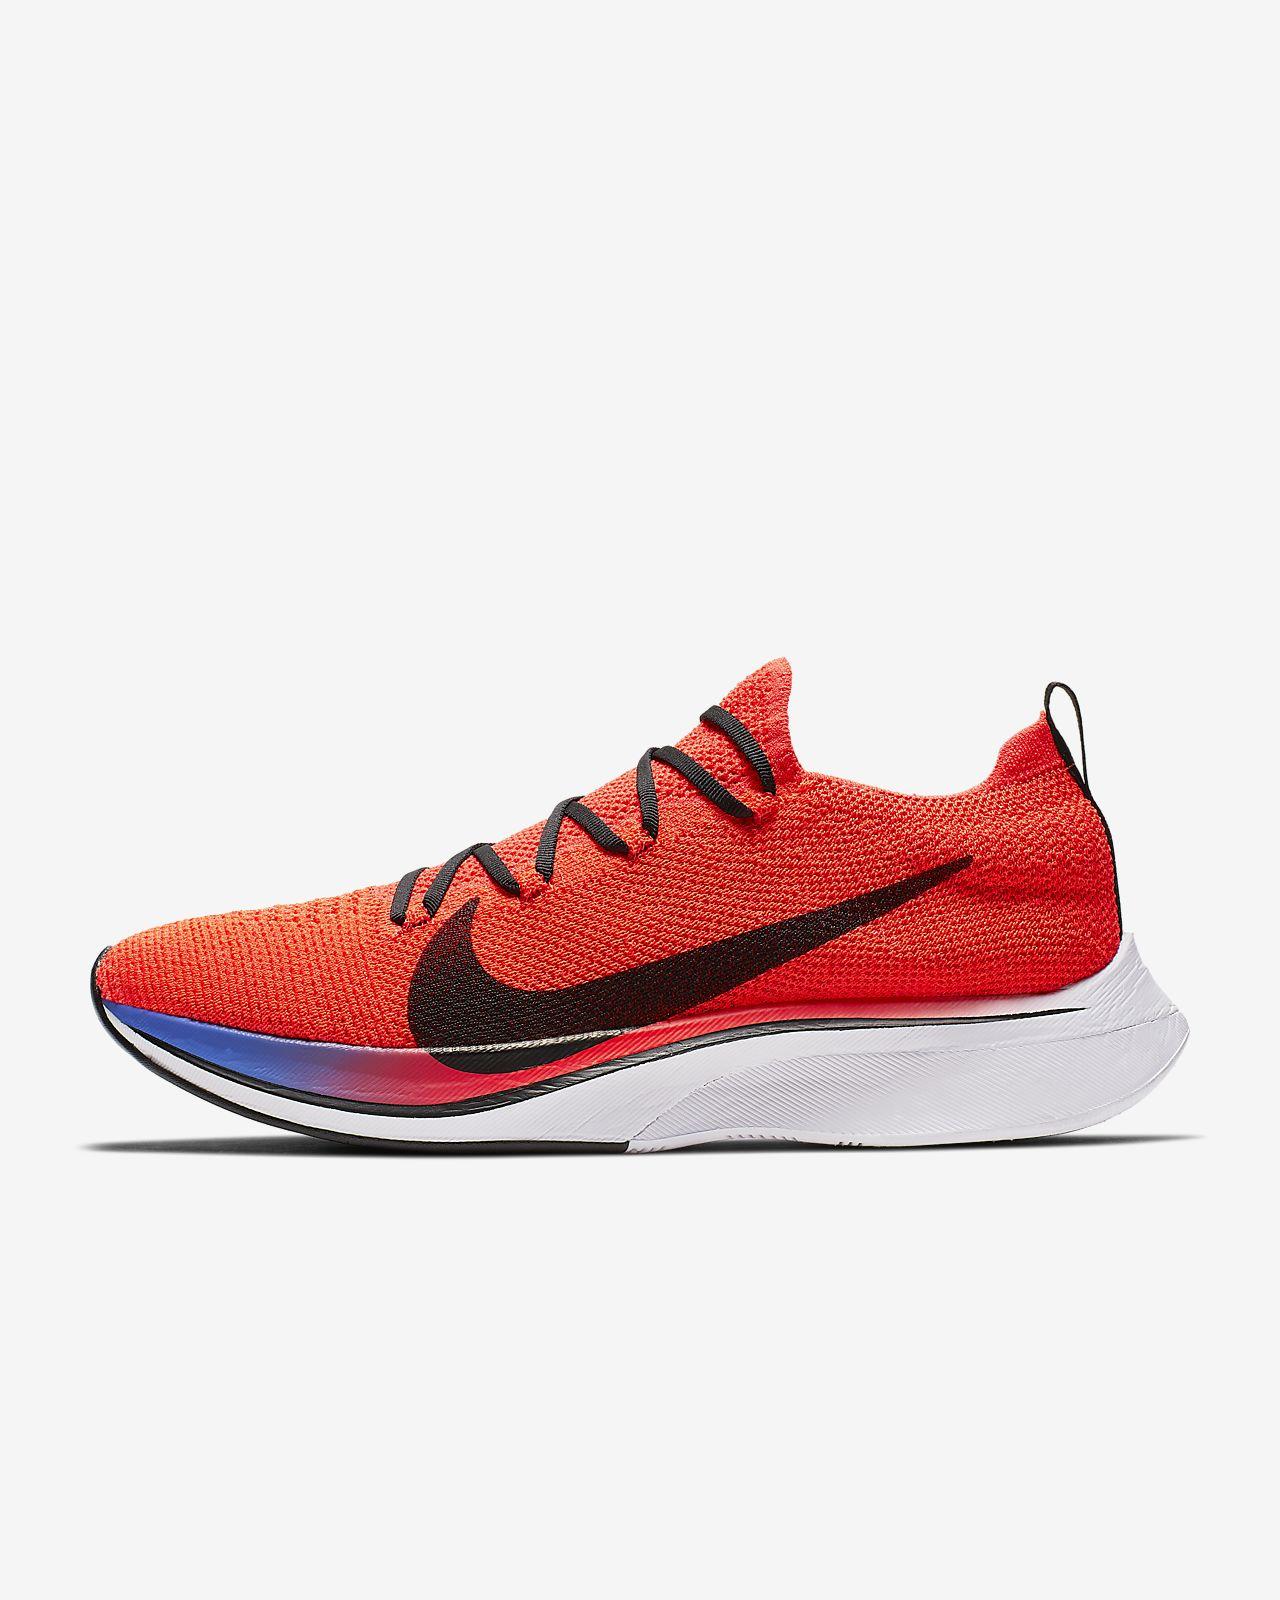 76b5cc000c41e Nike Vaporfly 4% Flyknit Hardloopschoenen. Nike.com BE